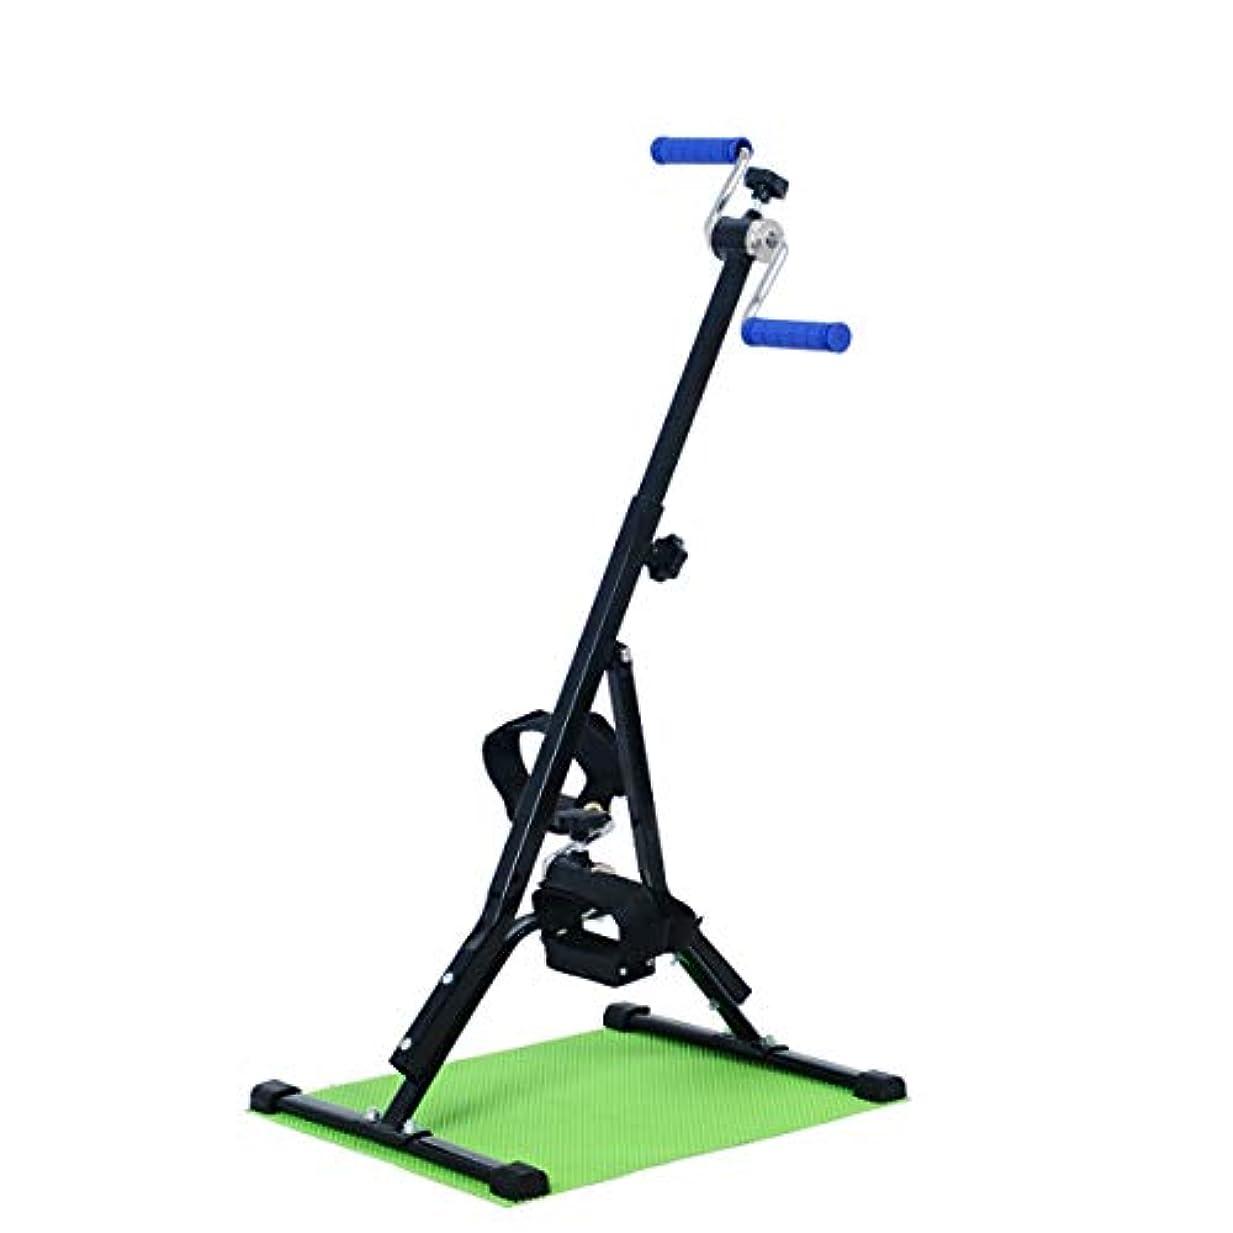 上下肢トレーニング機器、ホームレッグアームペダルエクササイザー、高齢者リハビリテーションのための脳卒中片麻痺自転車ホーム理学療法フィットネスワークアウト,A